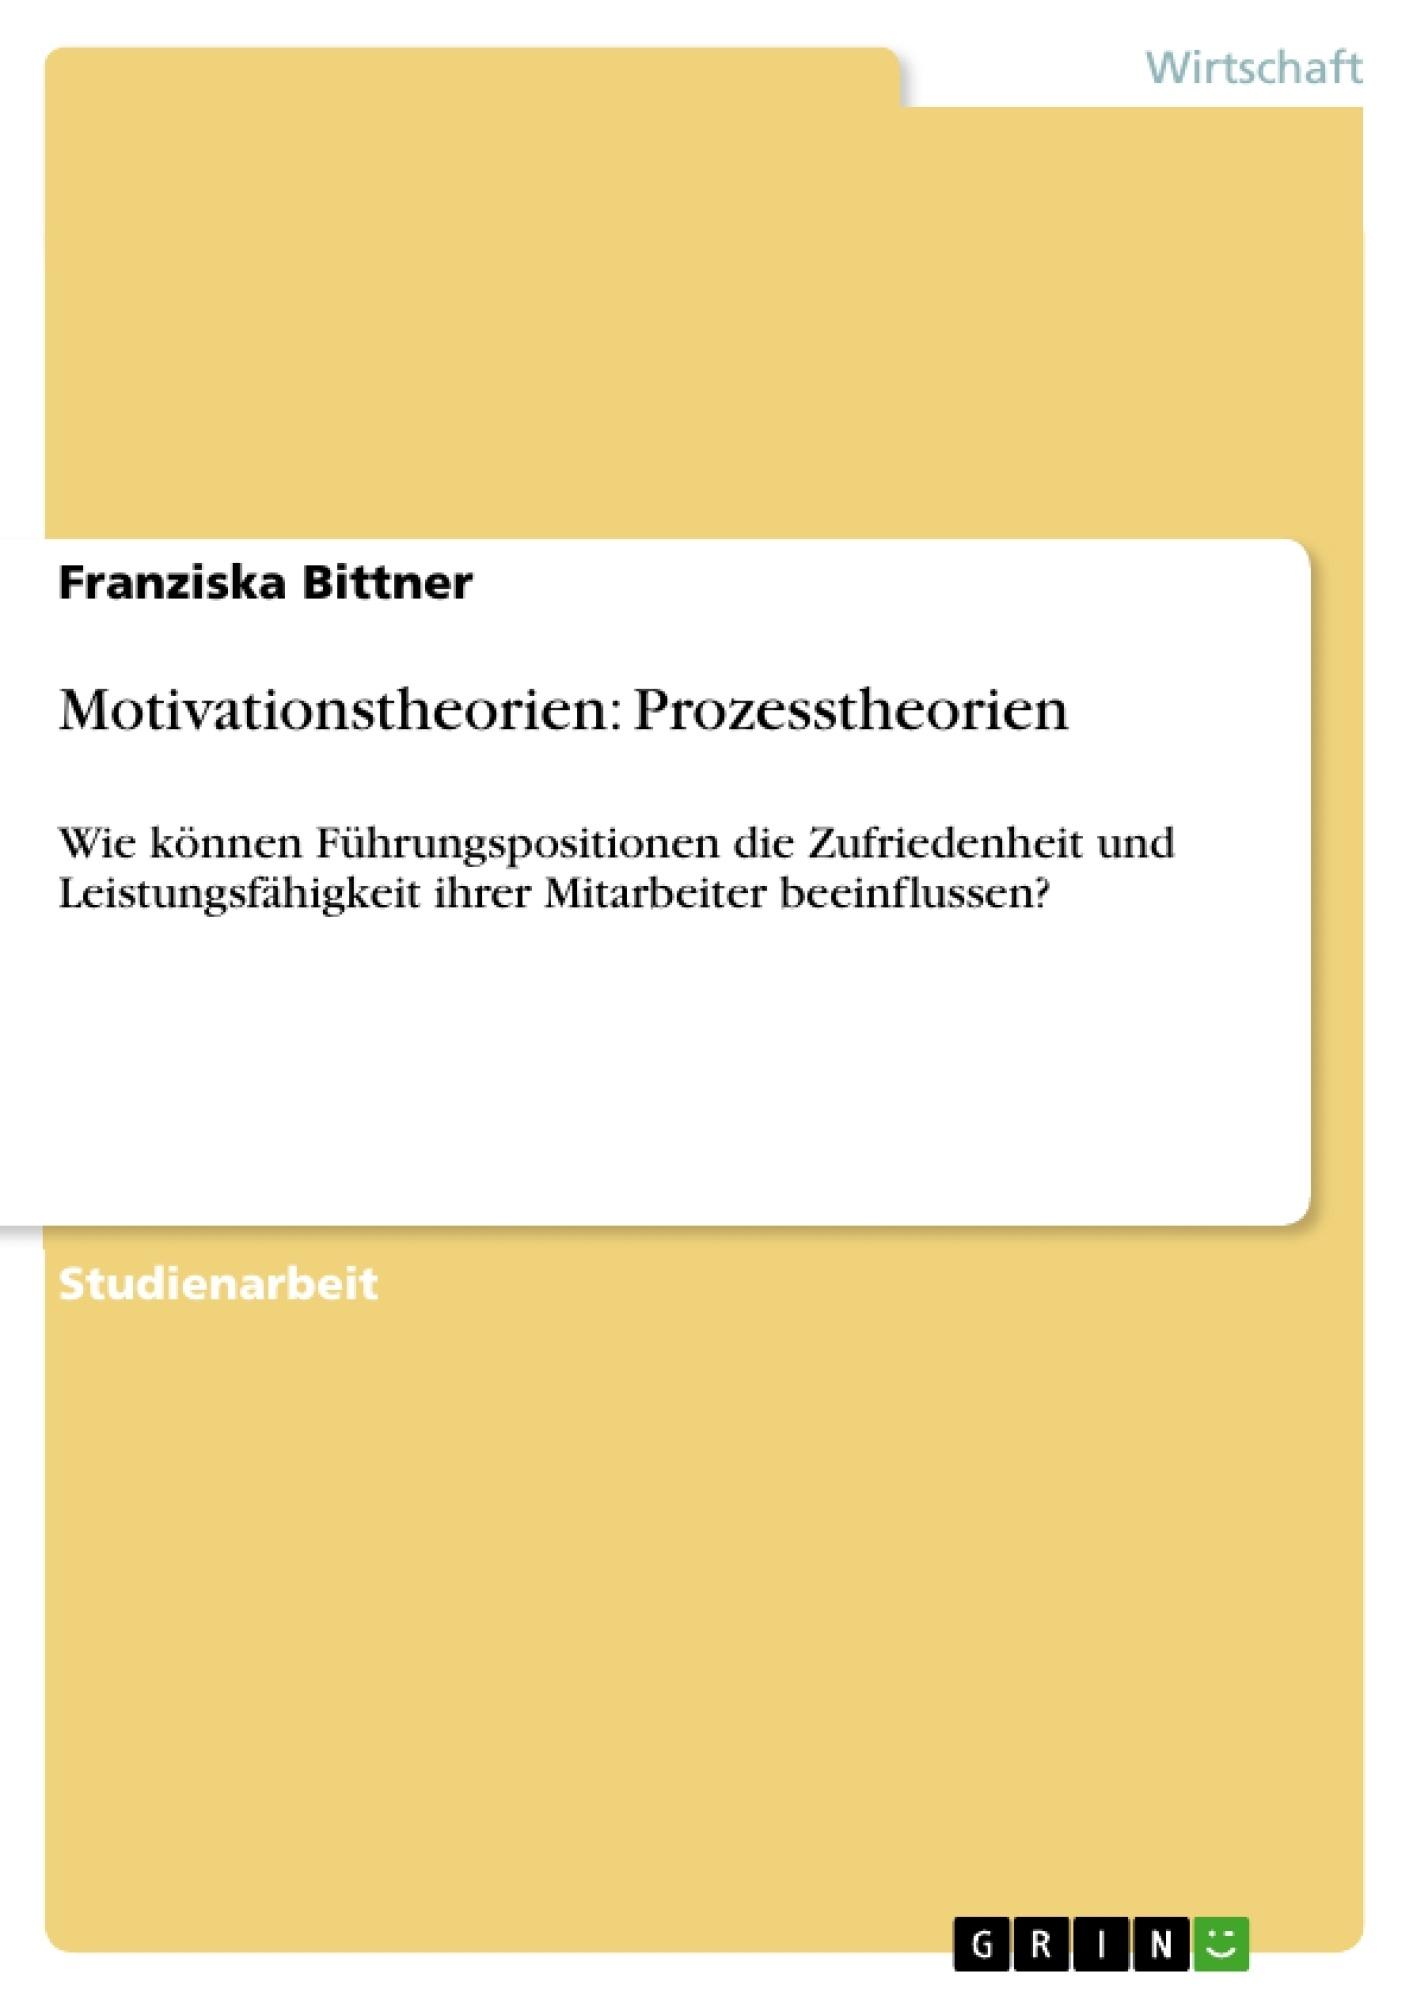 Titel: Motivationstheorien: Prozesstheorien